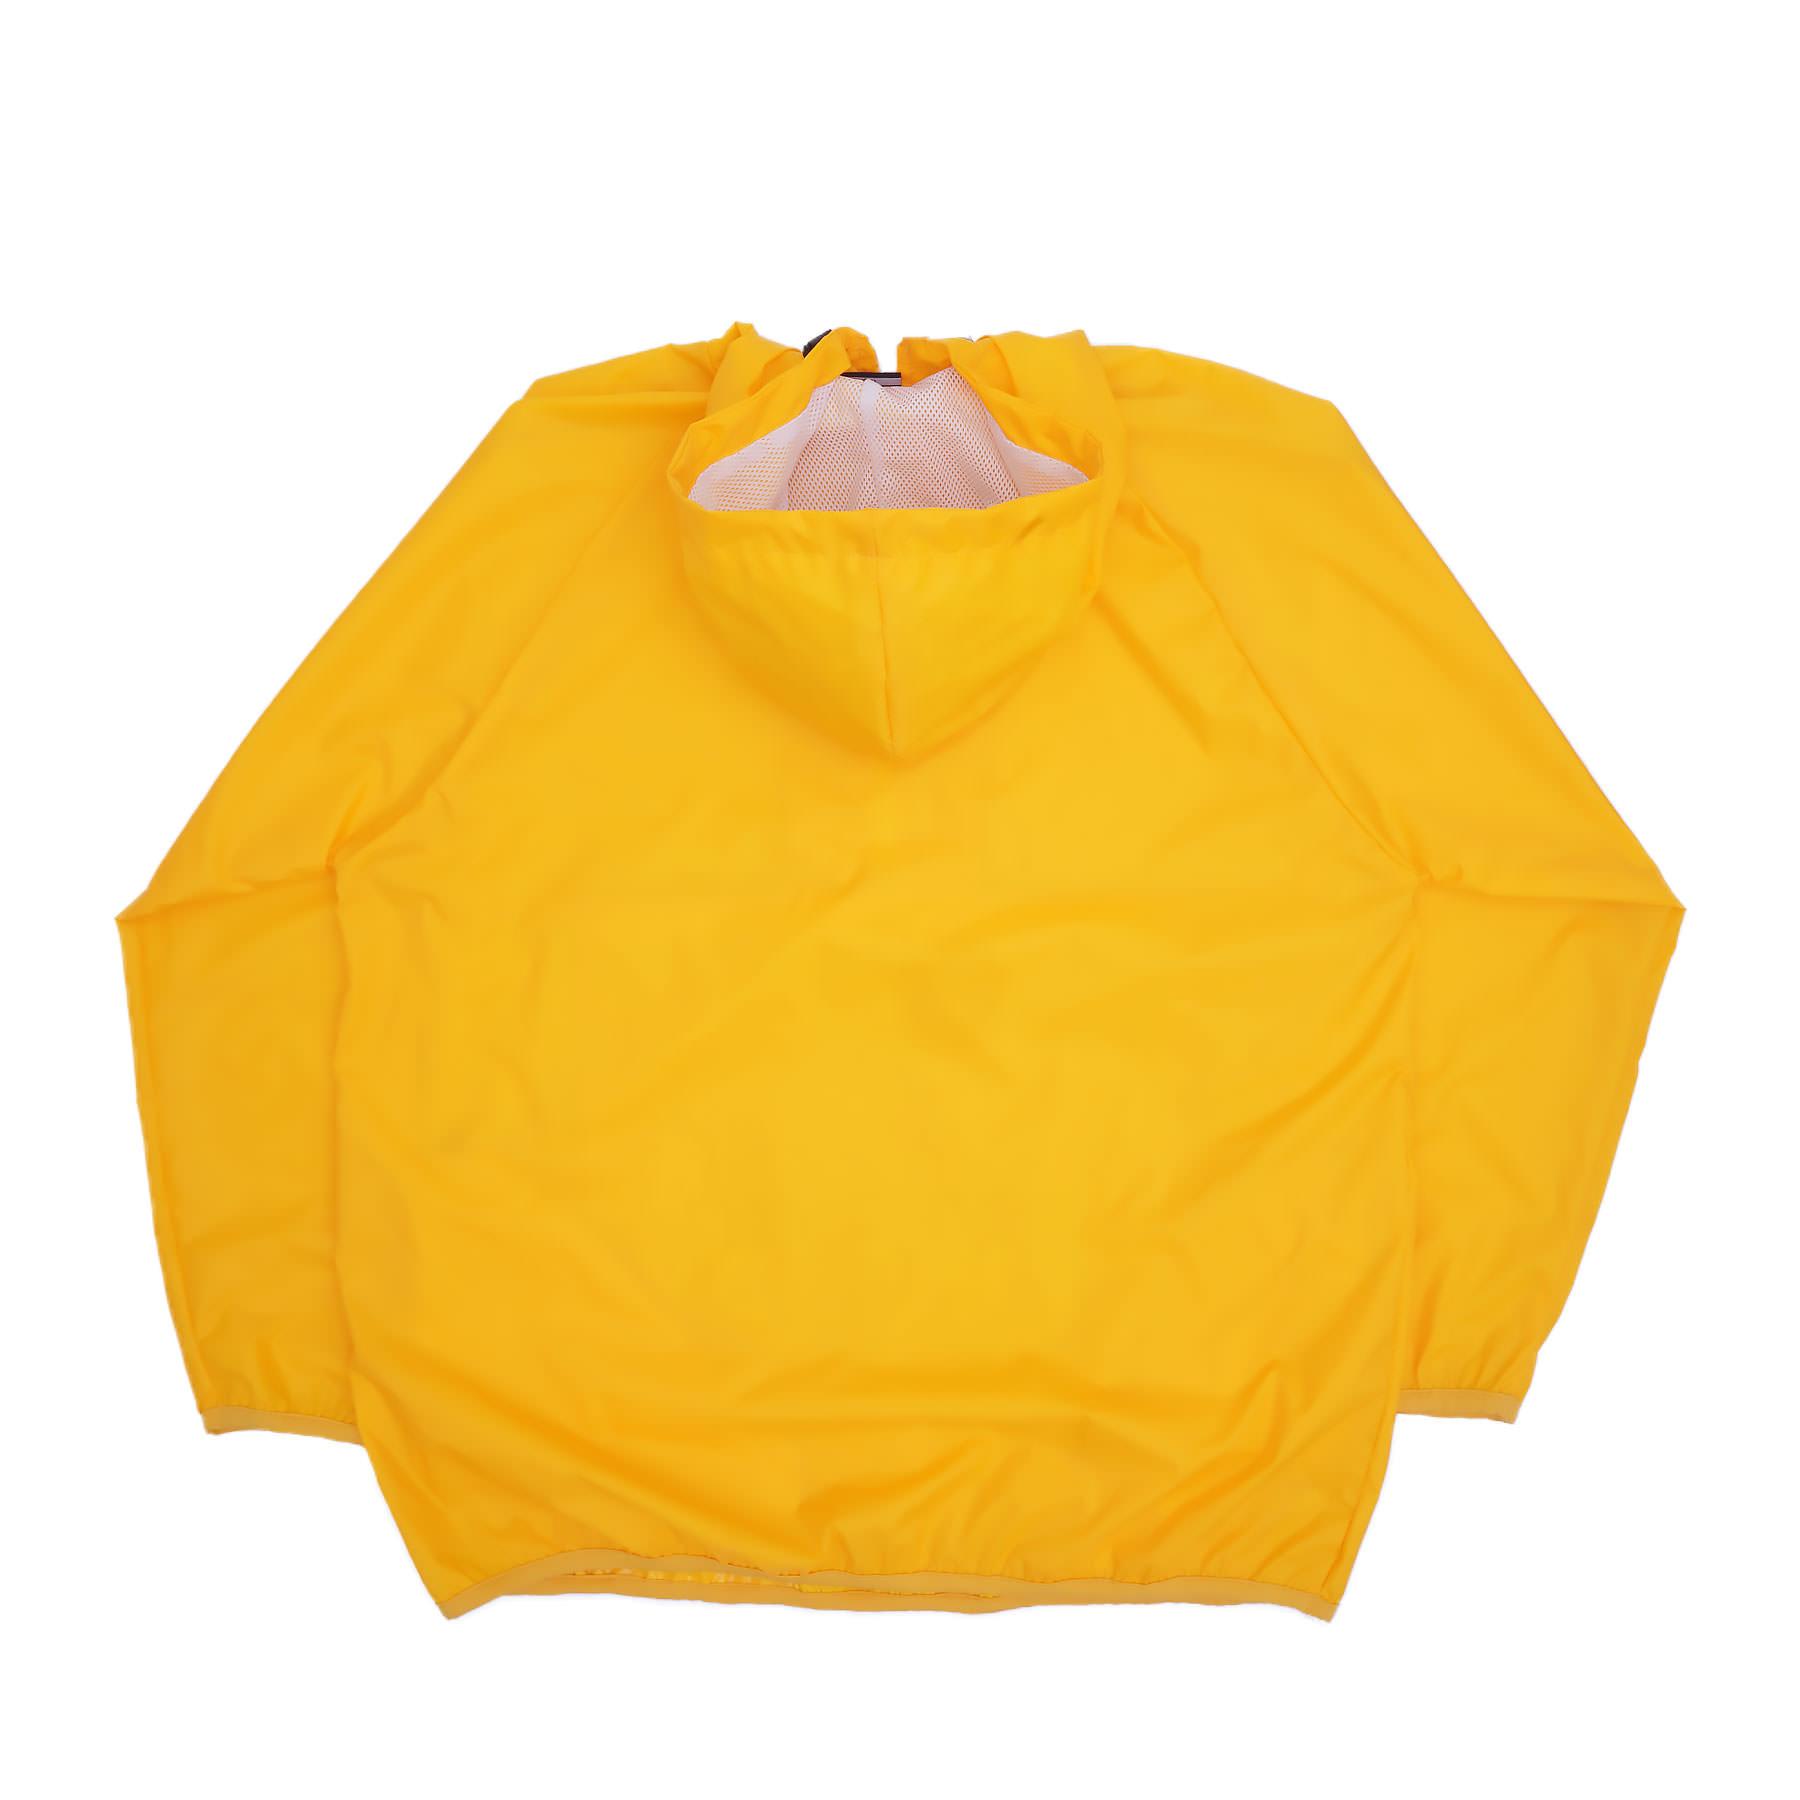 Waterproof_Anorak_Logo_Yellow_Reflective